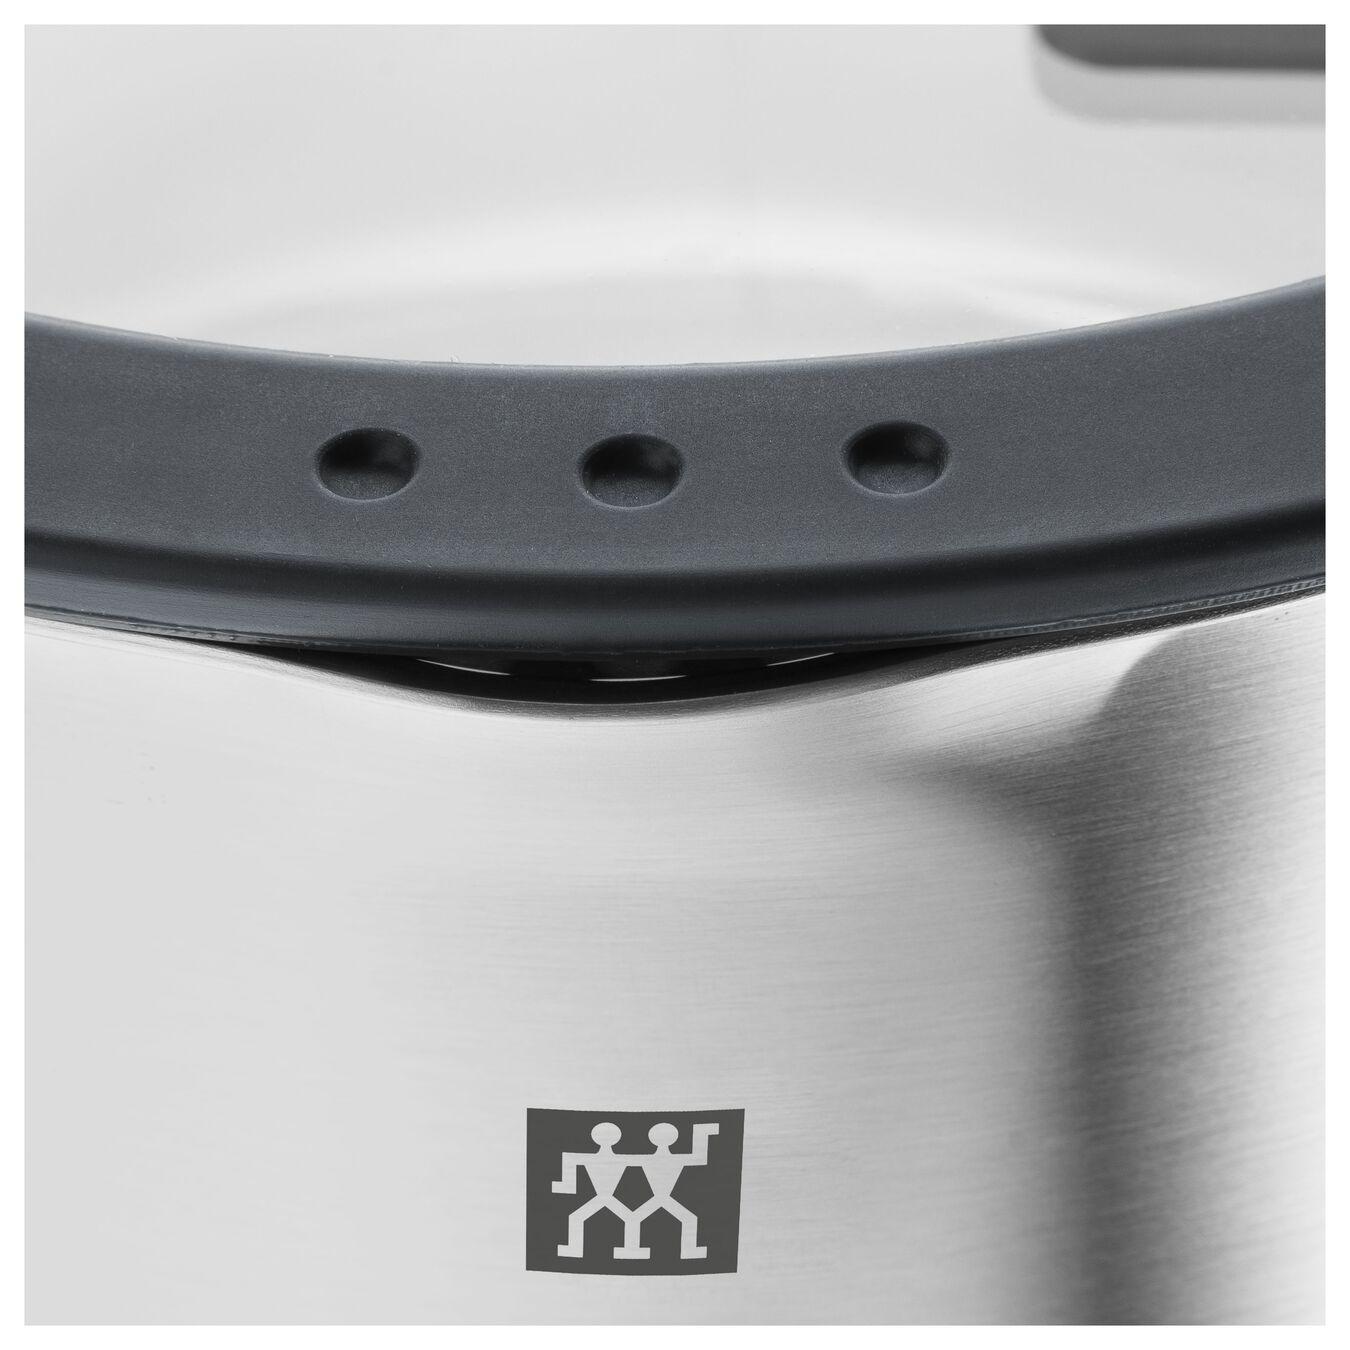 Pentola - 20 cm, acciaio inox,,large 2